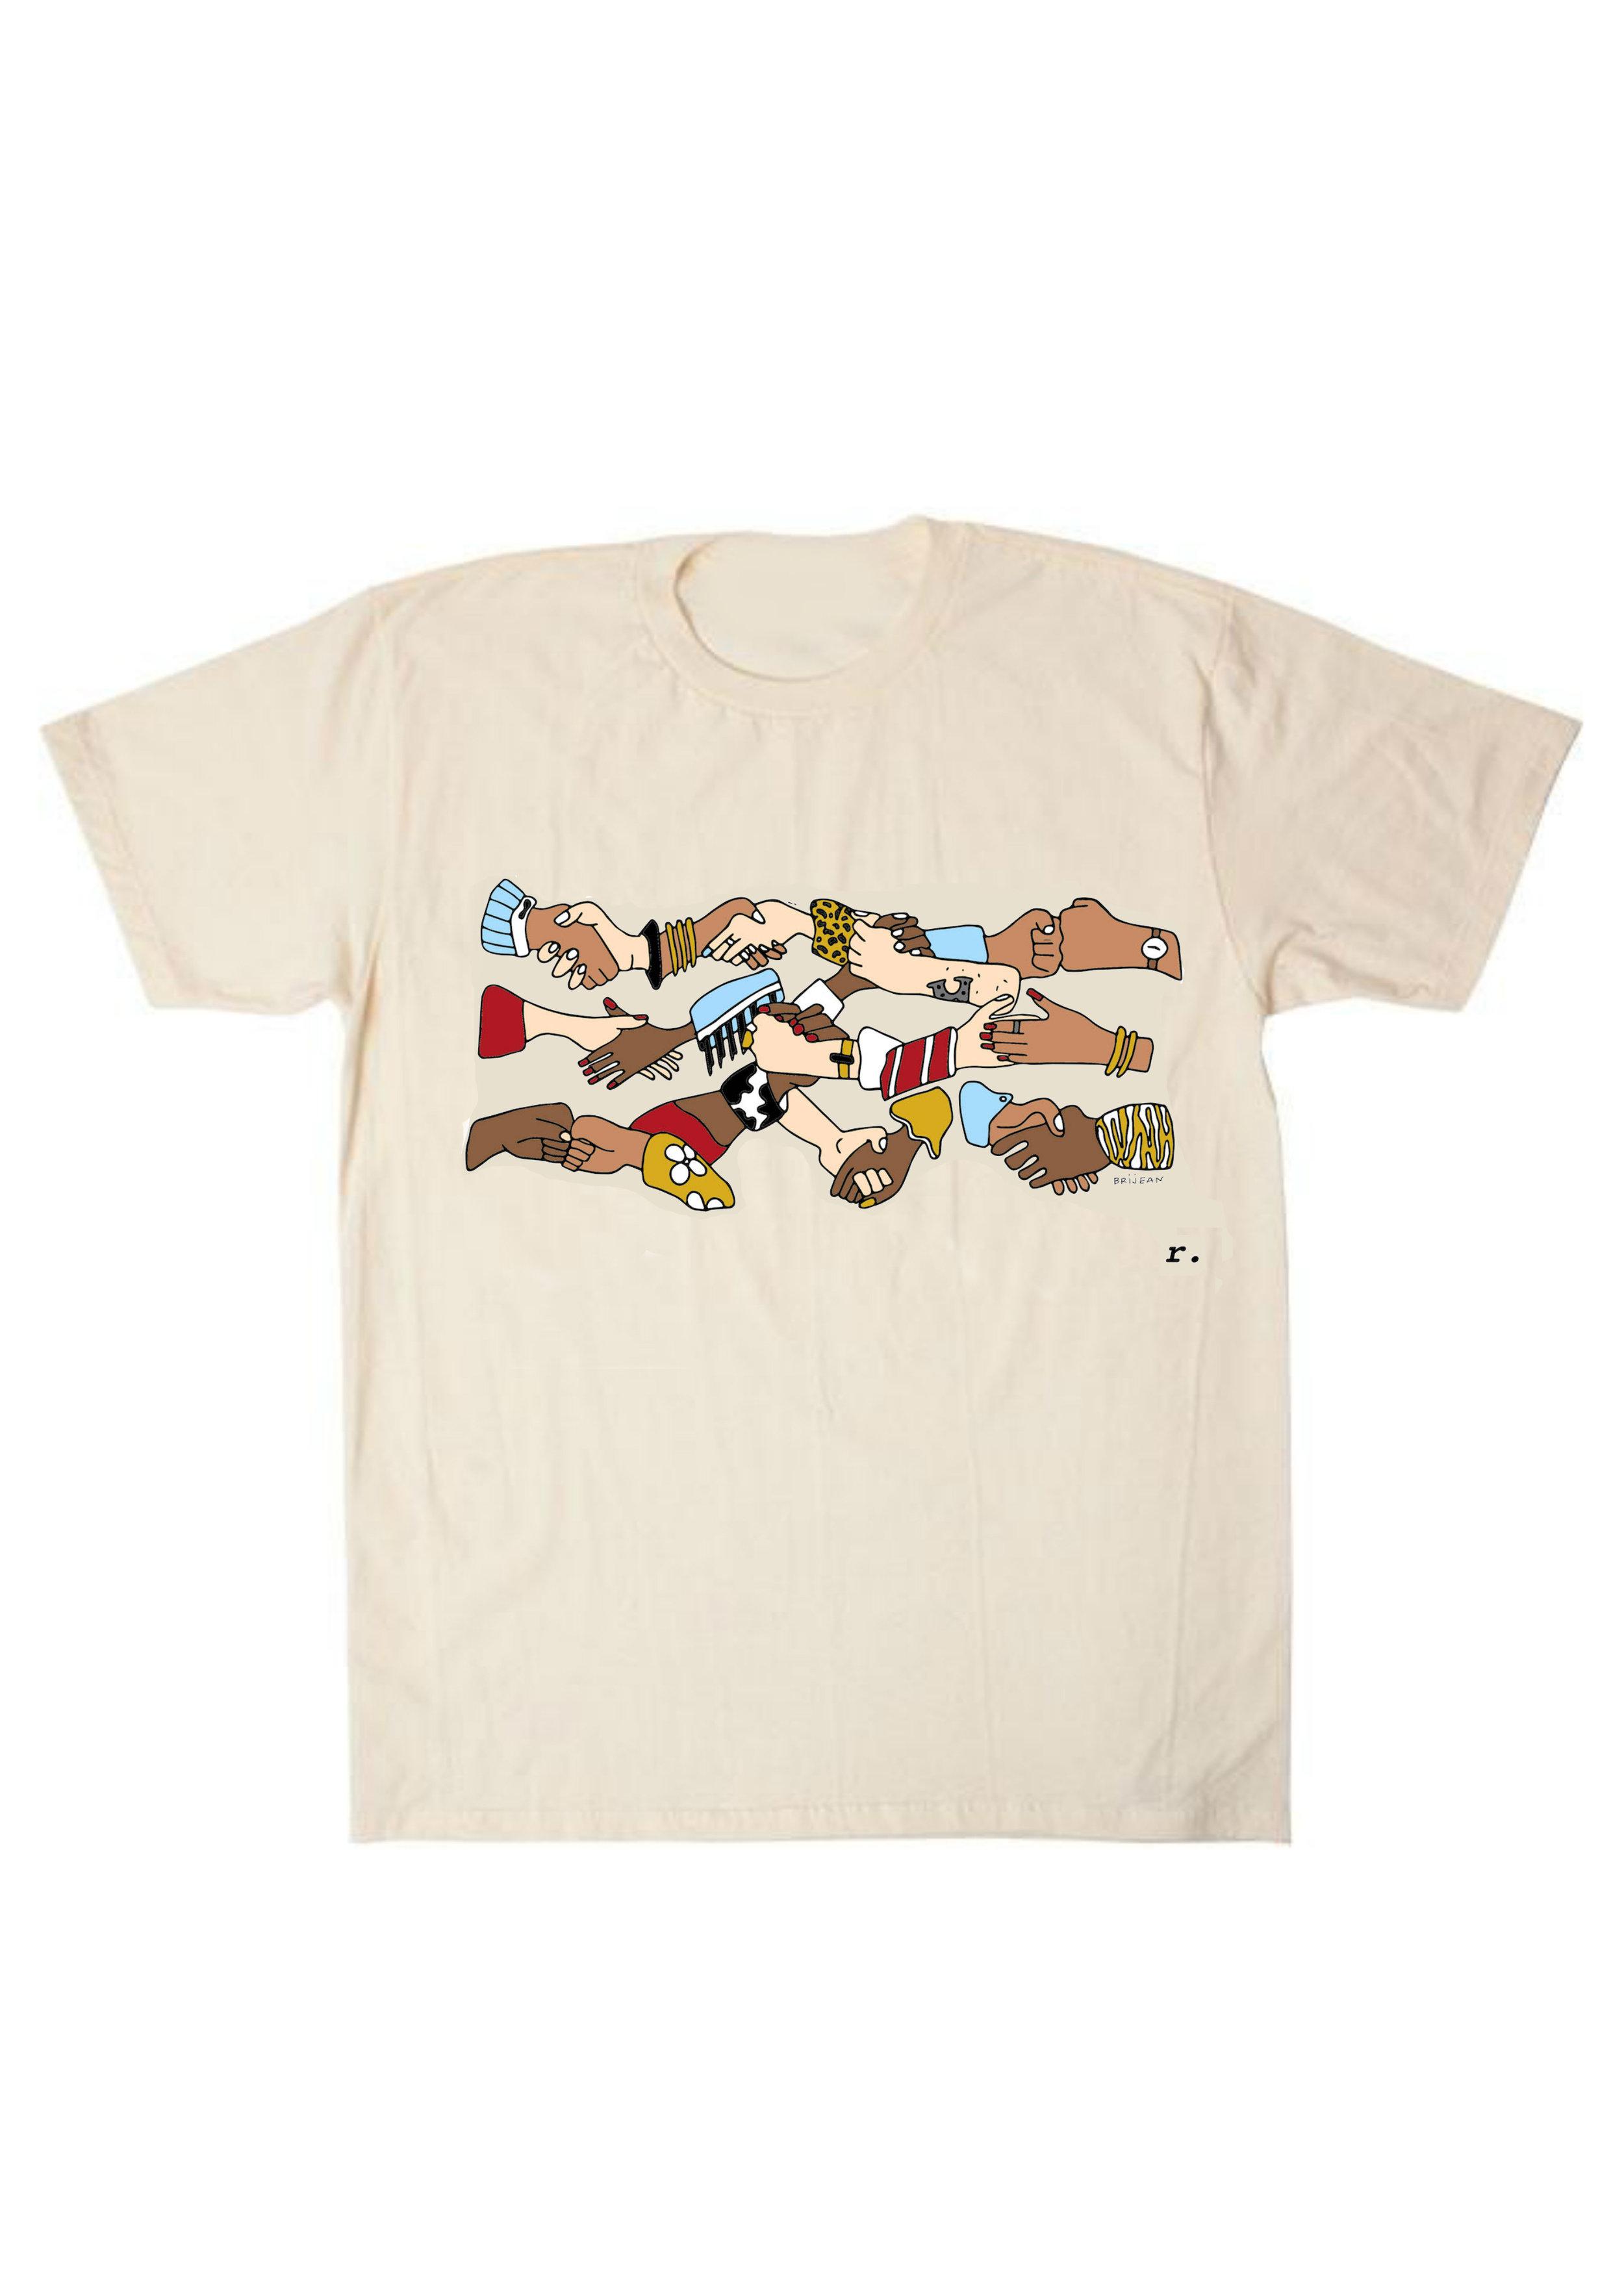 Als Cream Shirt.jpg